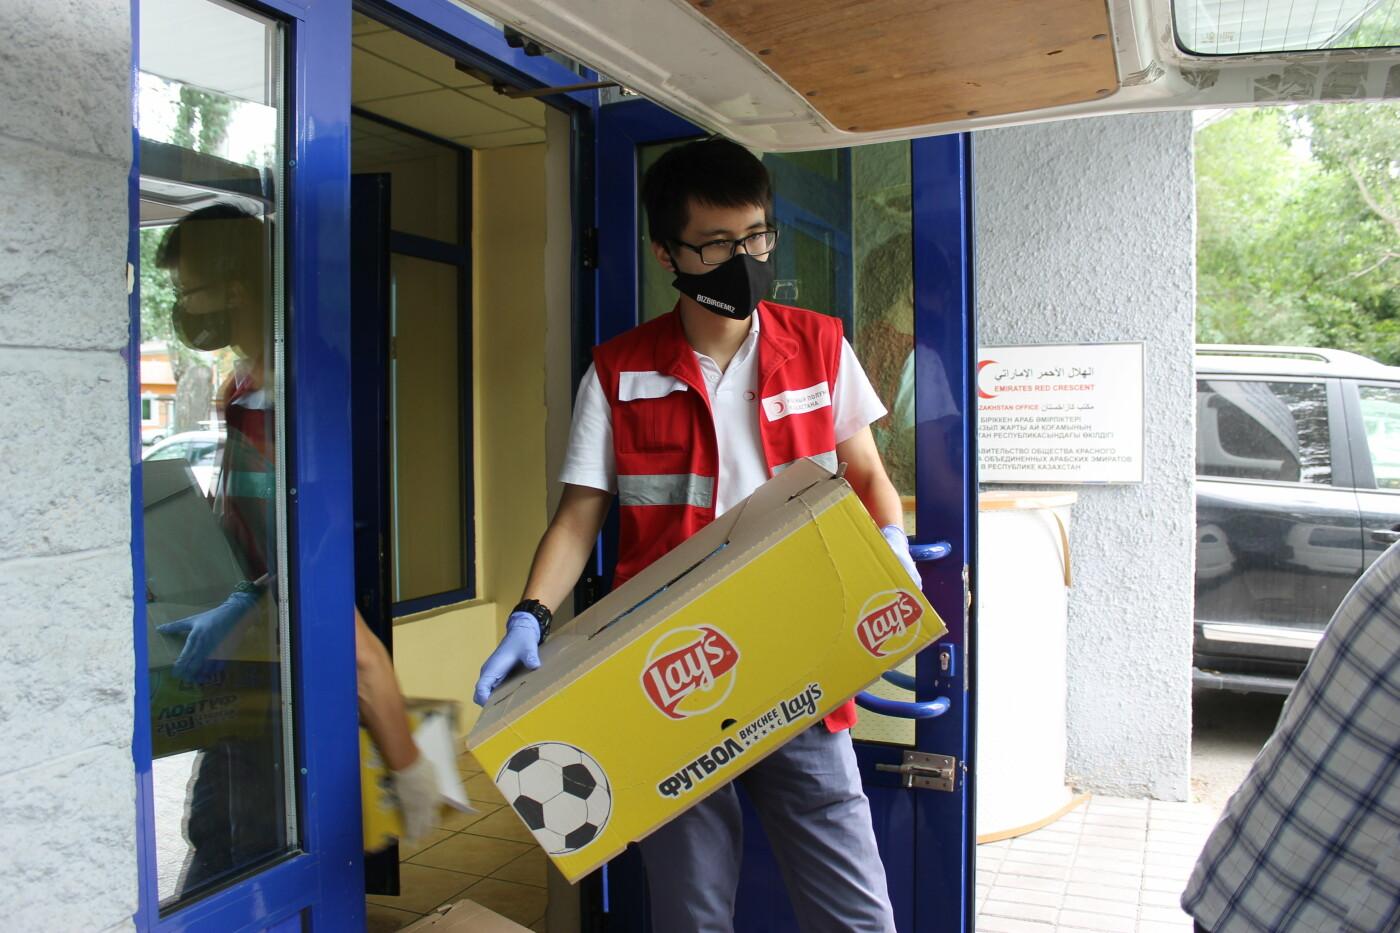 Красный Полумесяц Казахстана и PepsiCo рассказали о роли бизнеса в решении острых социальных проблем, фото-2